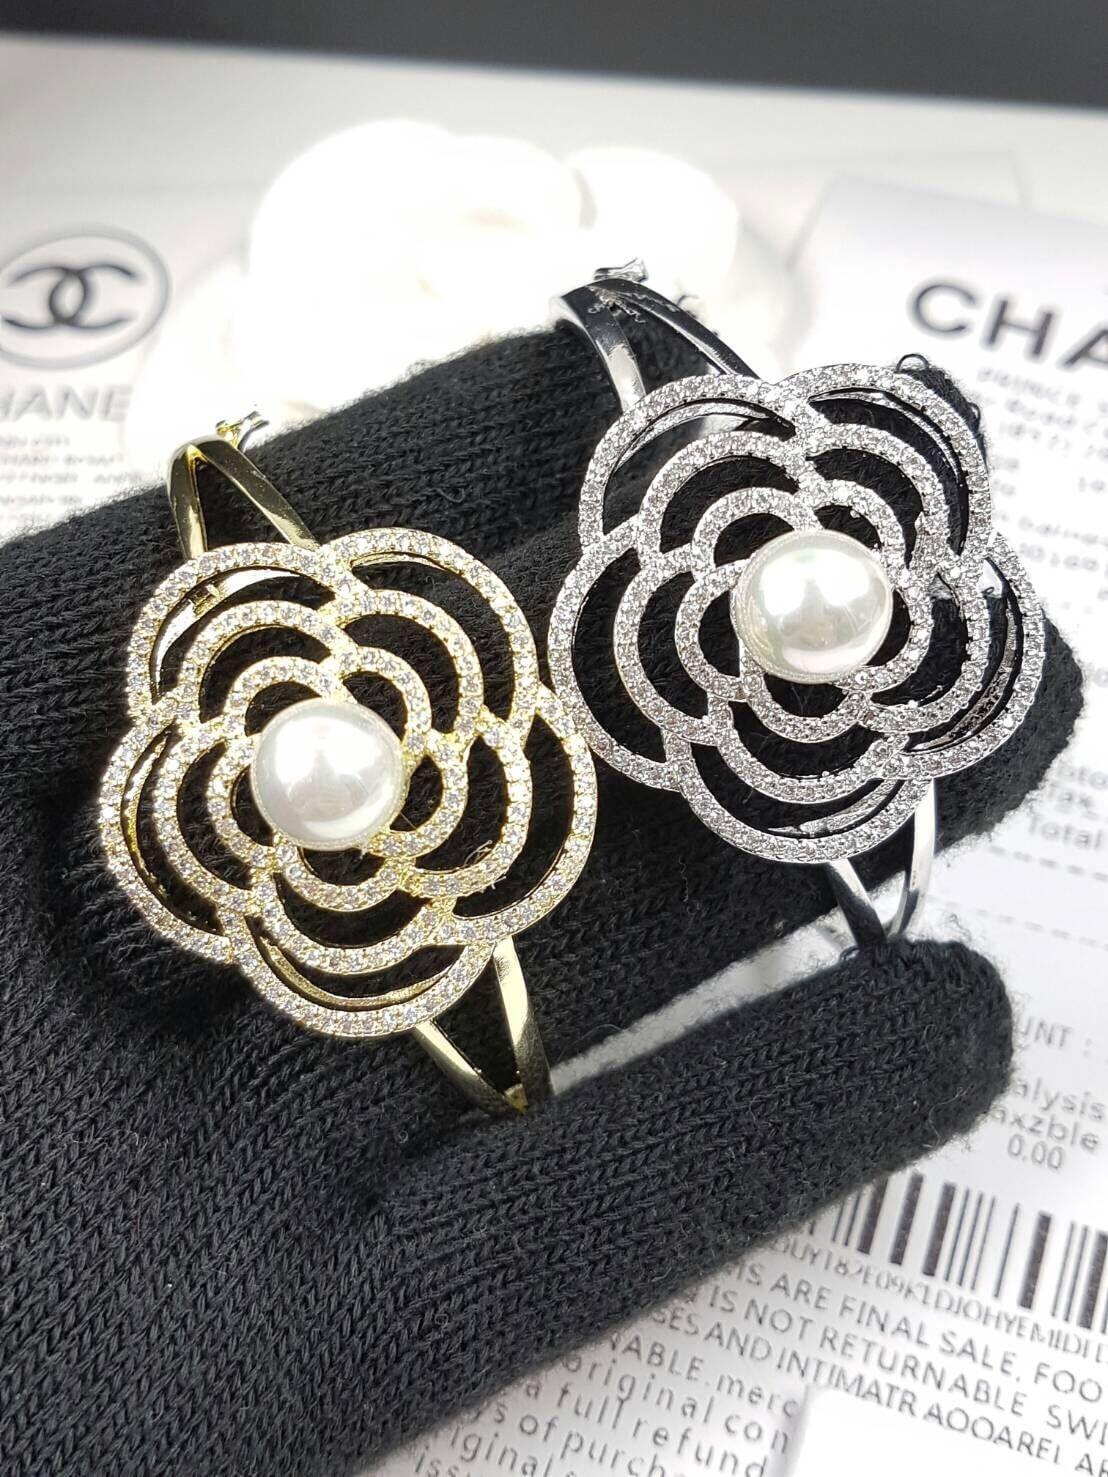 พร้อมส่ง ~ Diamond with Pearl Chanel Bangle